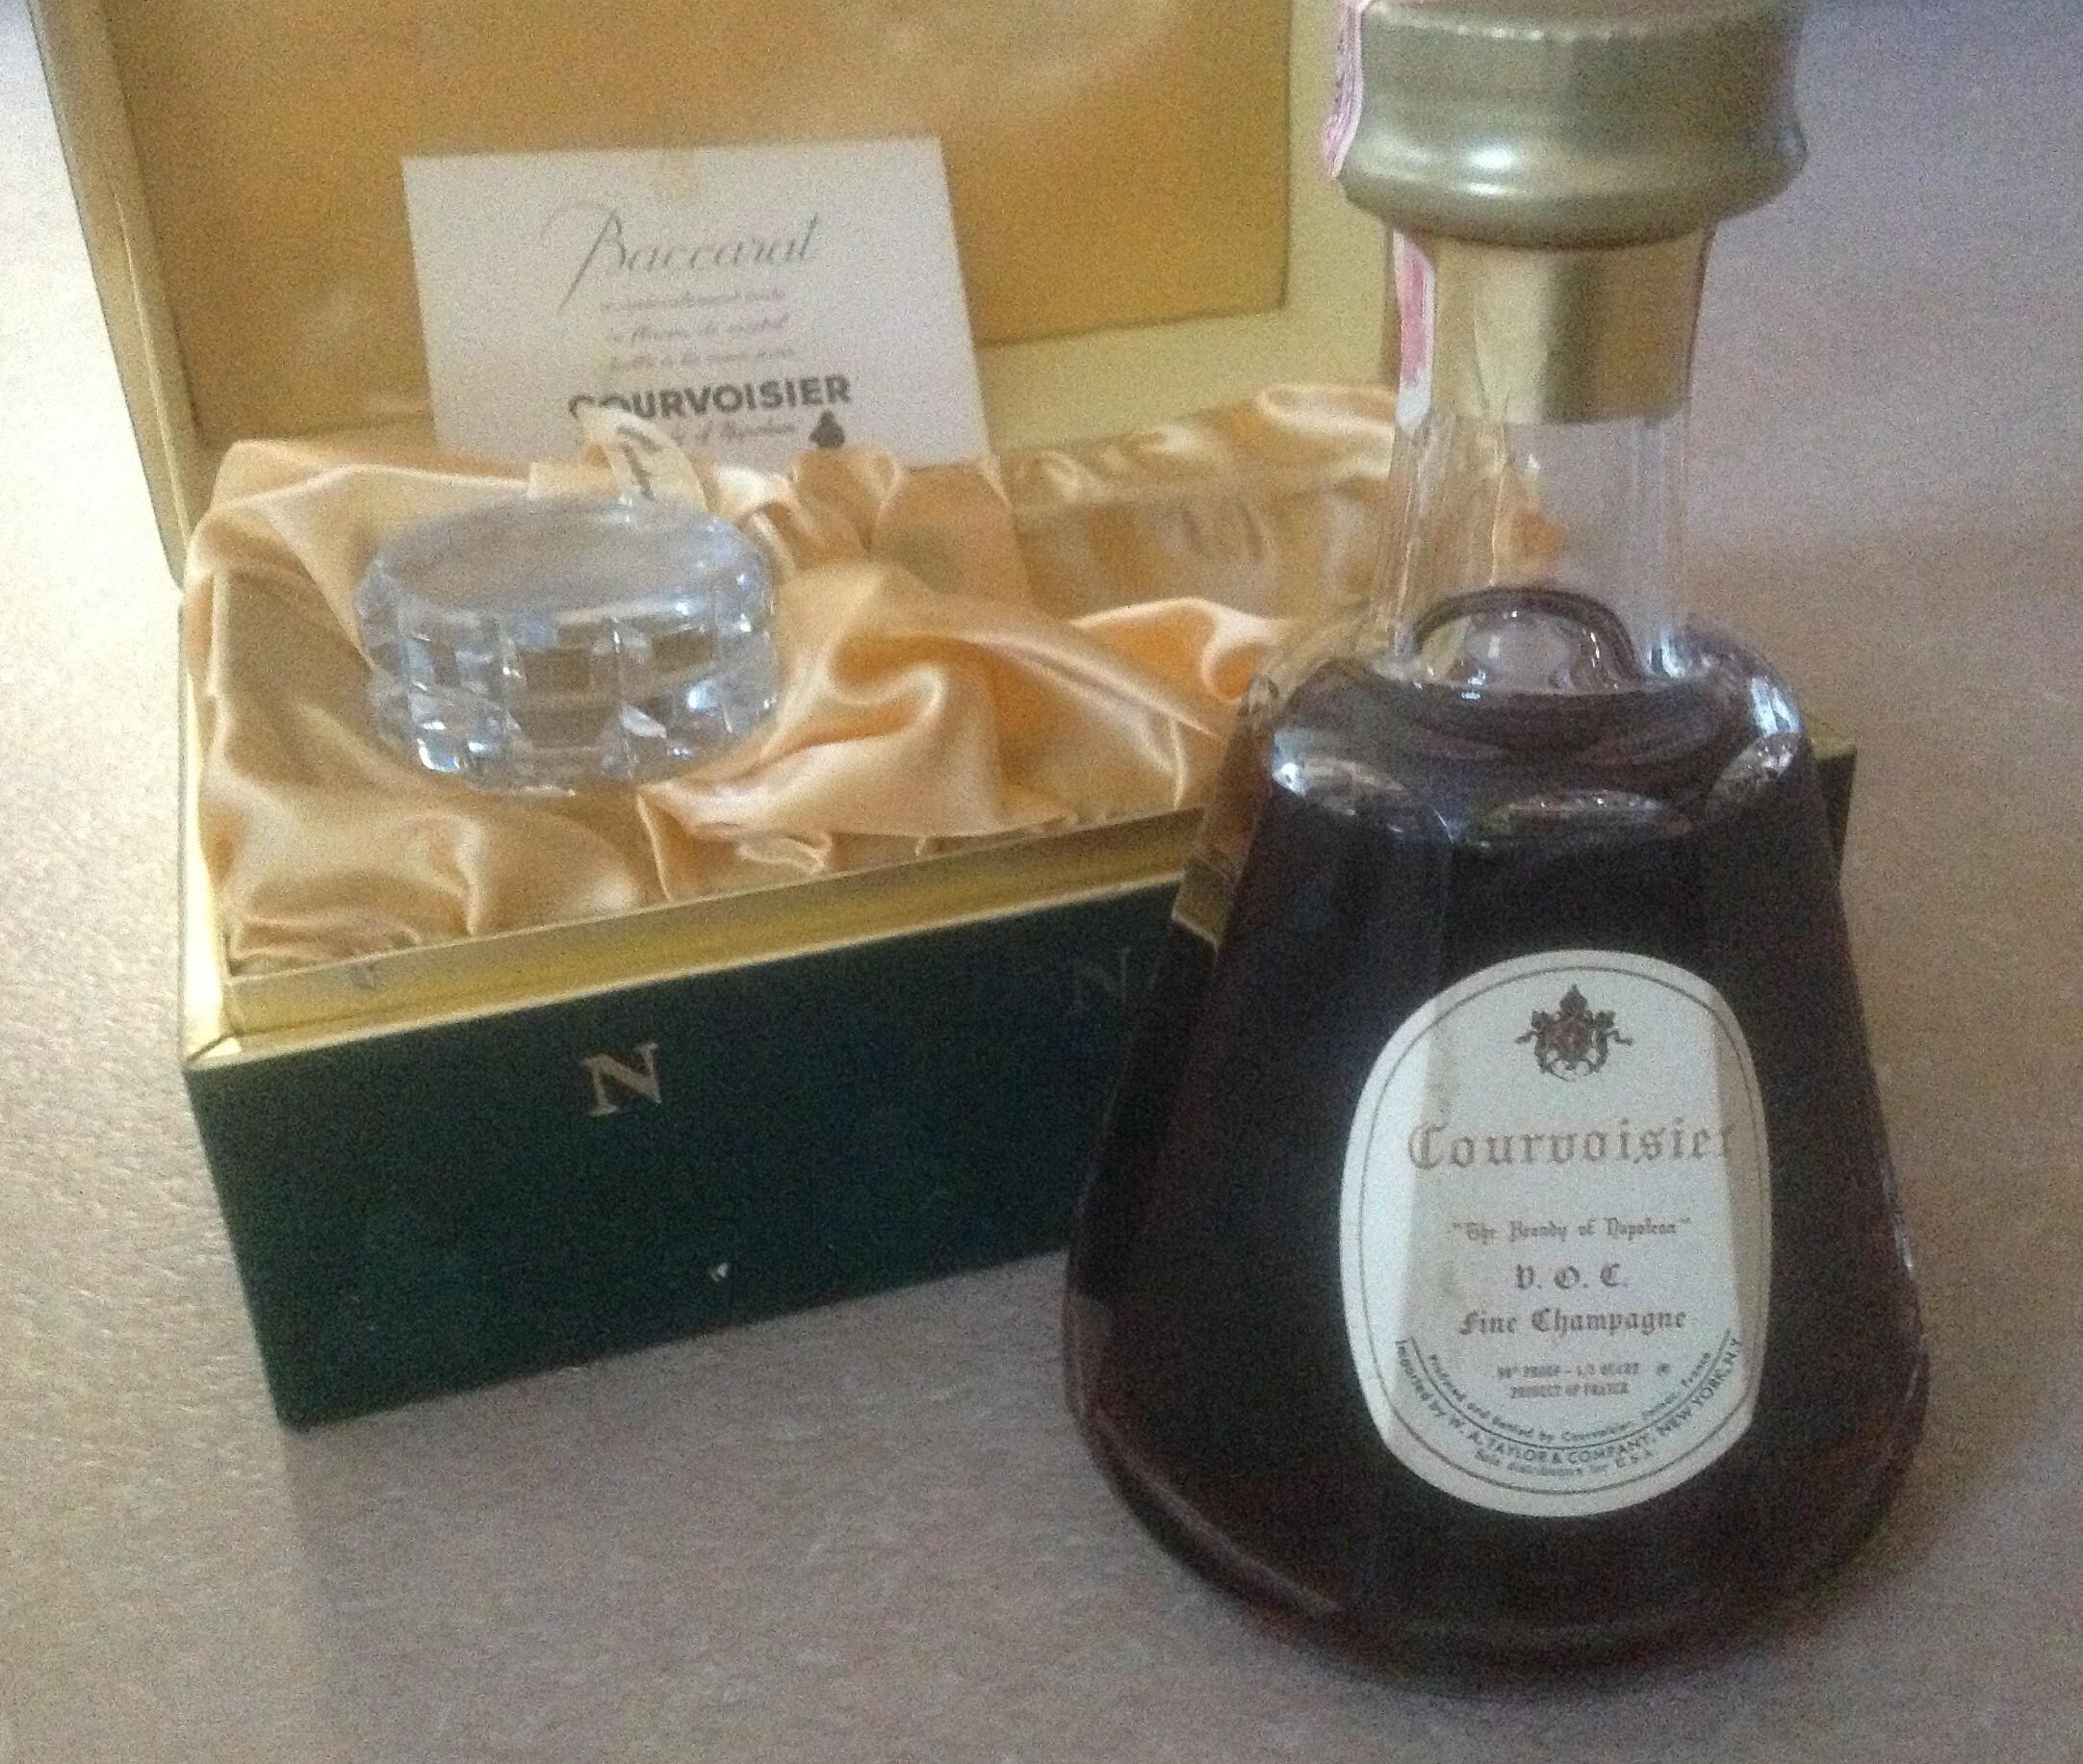 Courvoisier VOC Fine Champagne Cognac